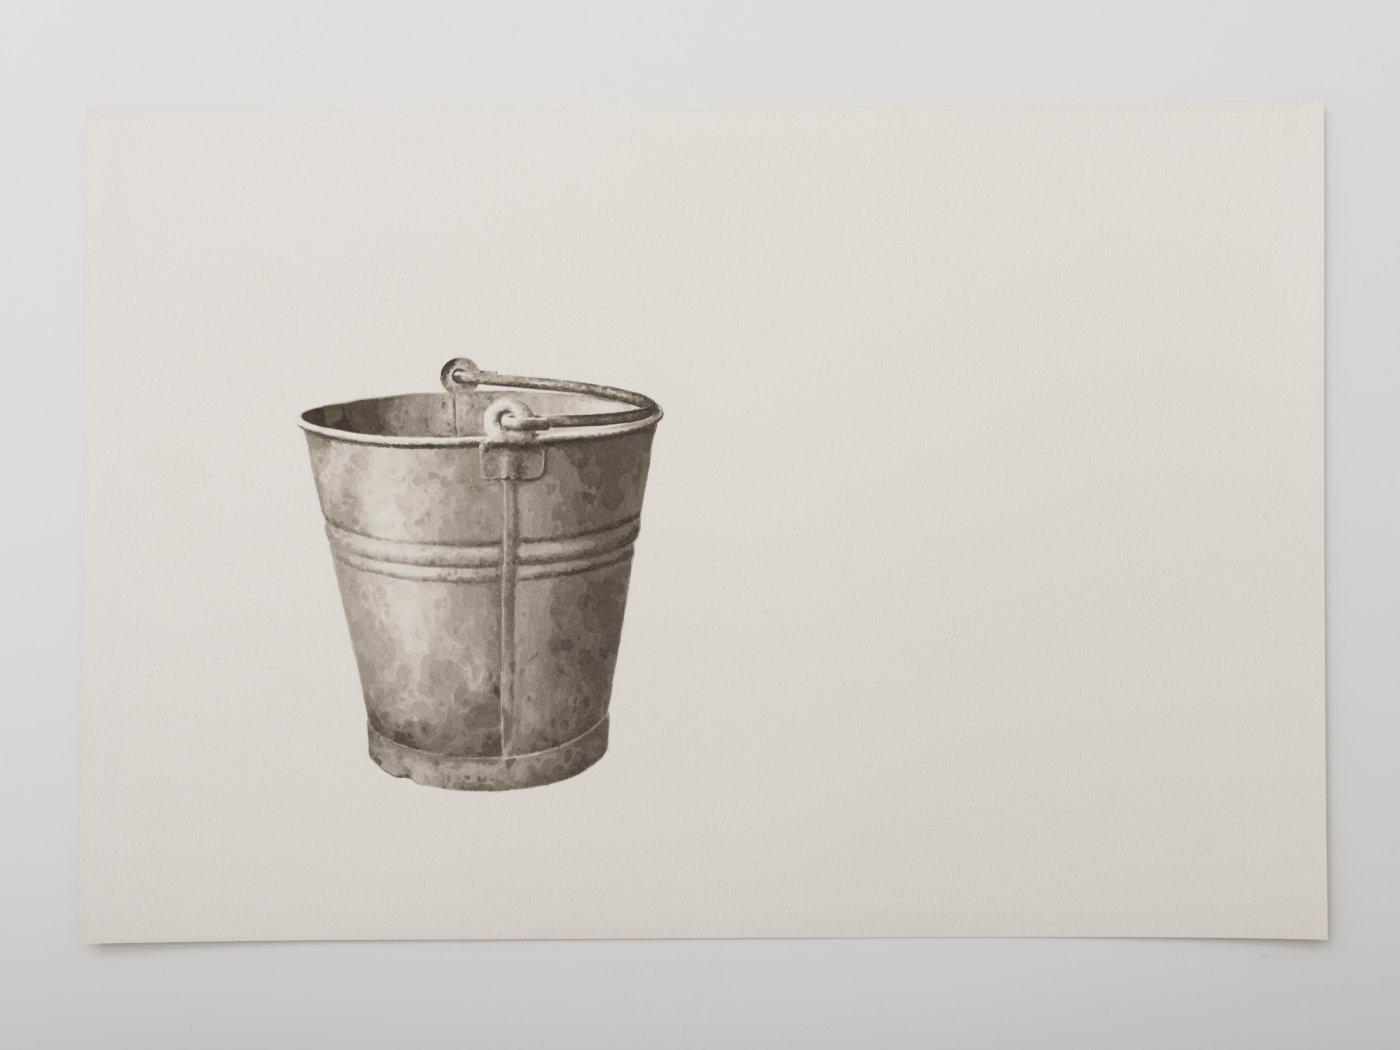 Still thinking 1 (Bucket III)